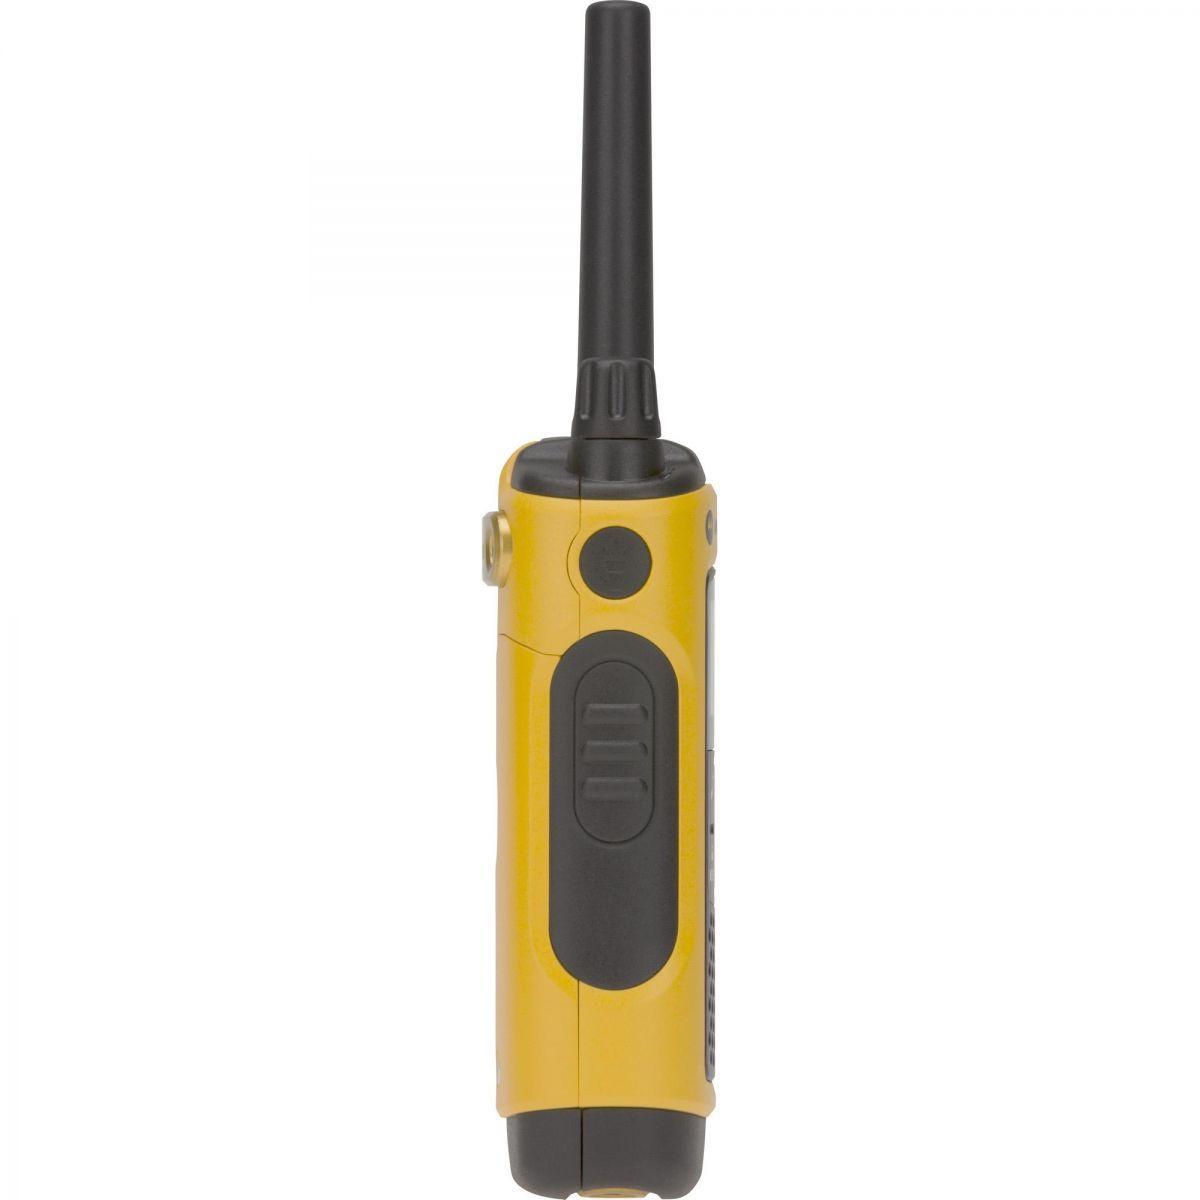 Kit 2 Pares Rádio Comunicador Talkabout 35km T400BR Amarelo MOTOROLA